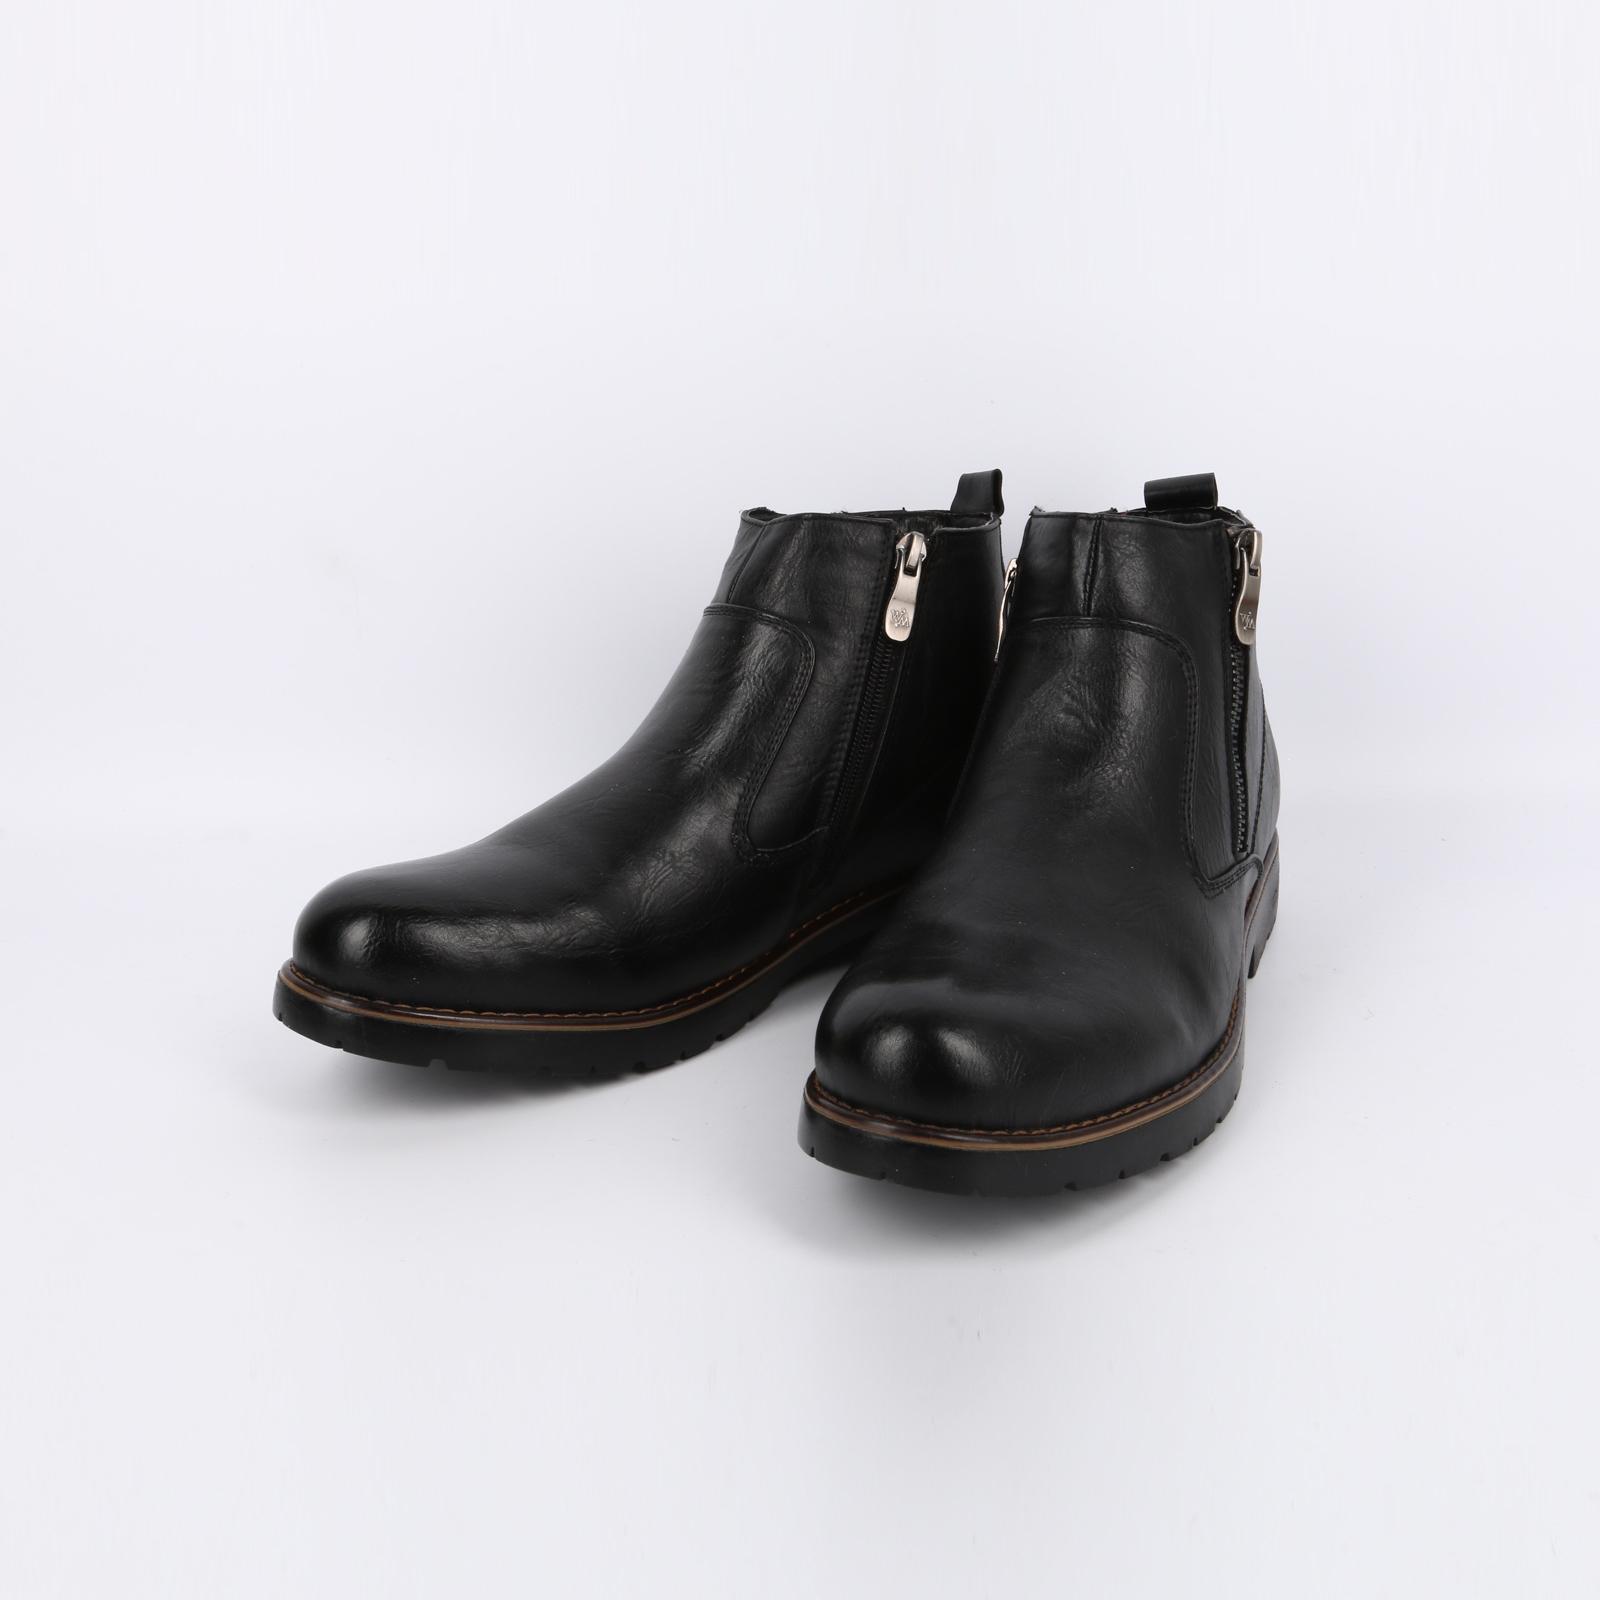 Зимние ботинки мужские высокие